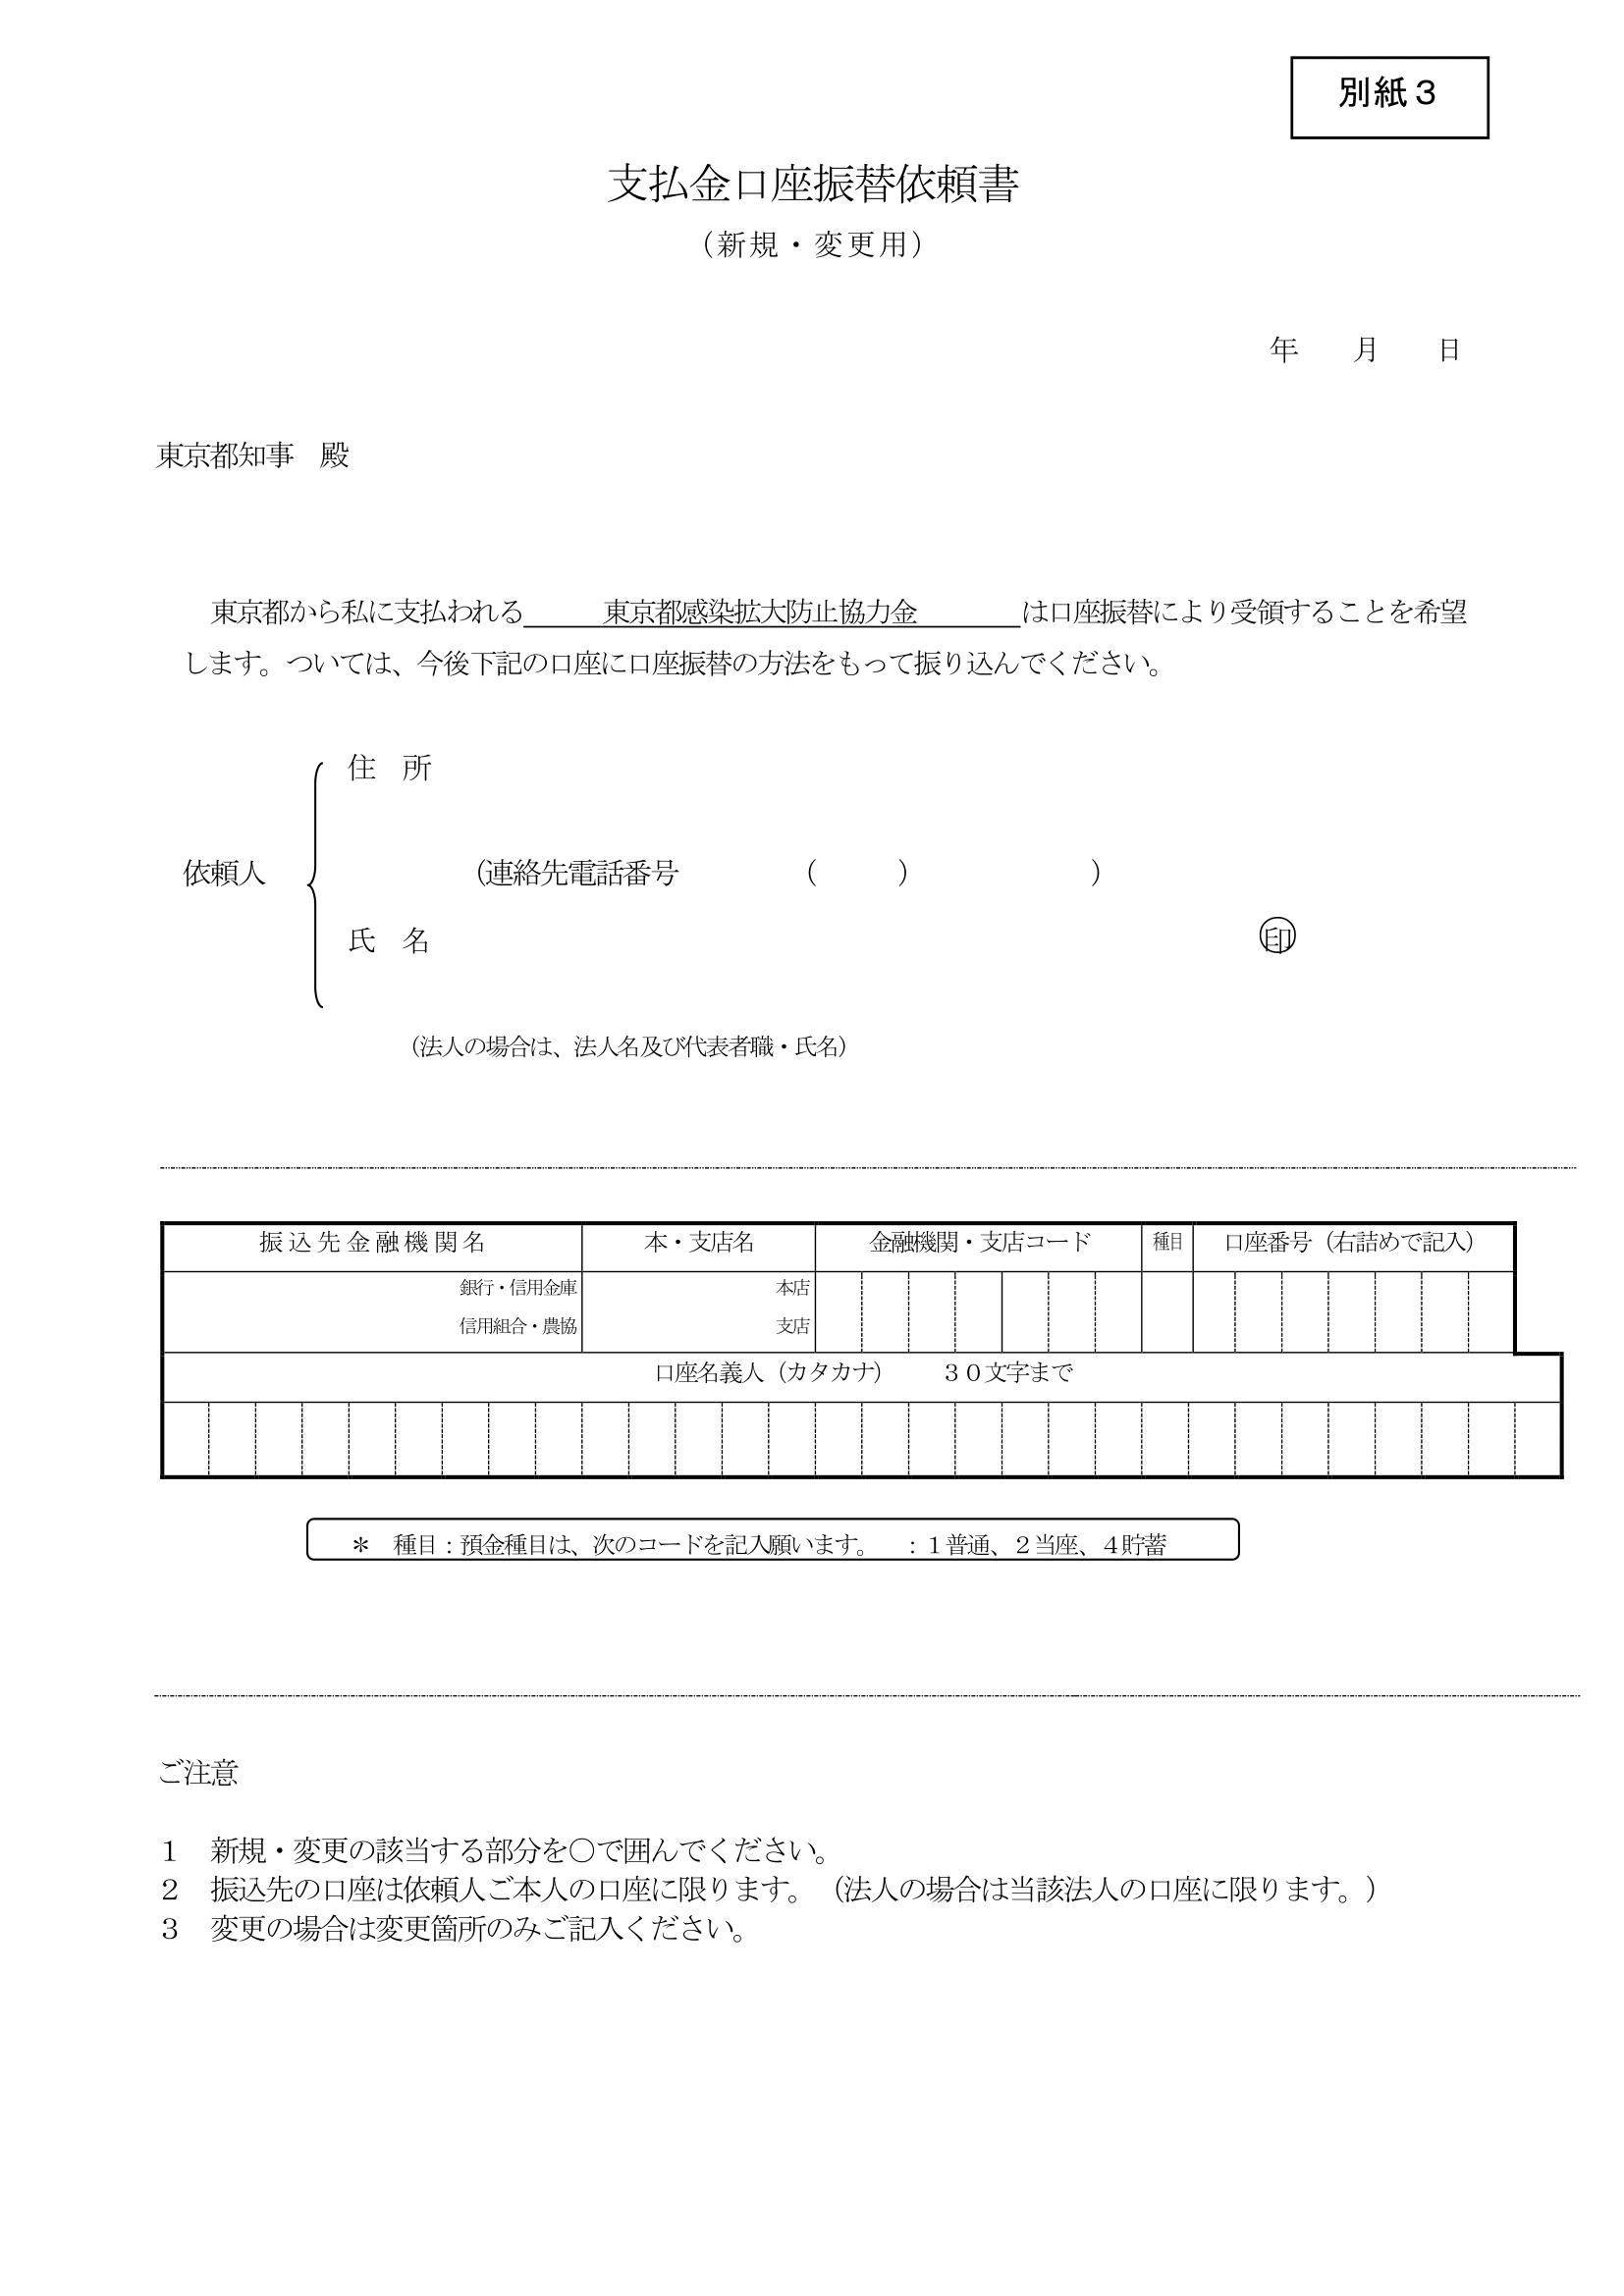 東京都感染拡大防止協力金 振込先口座